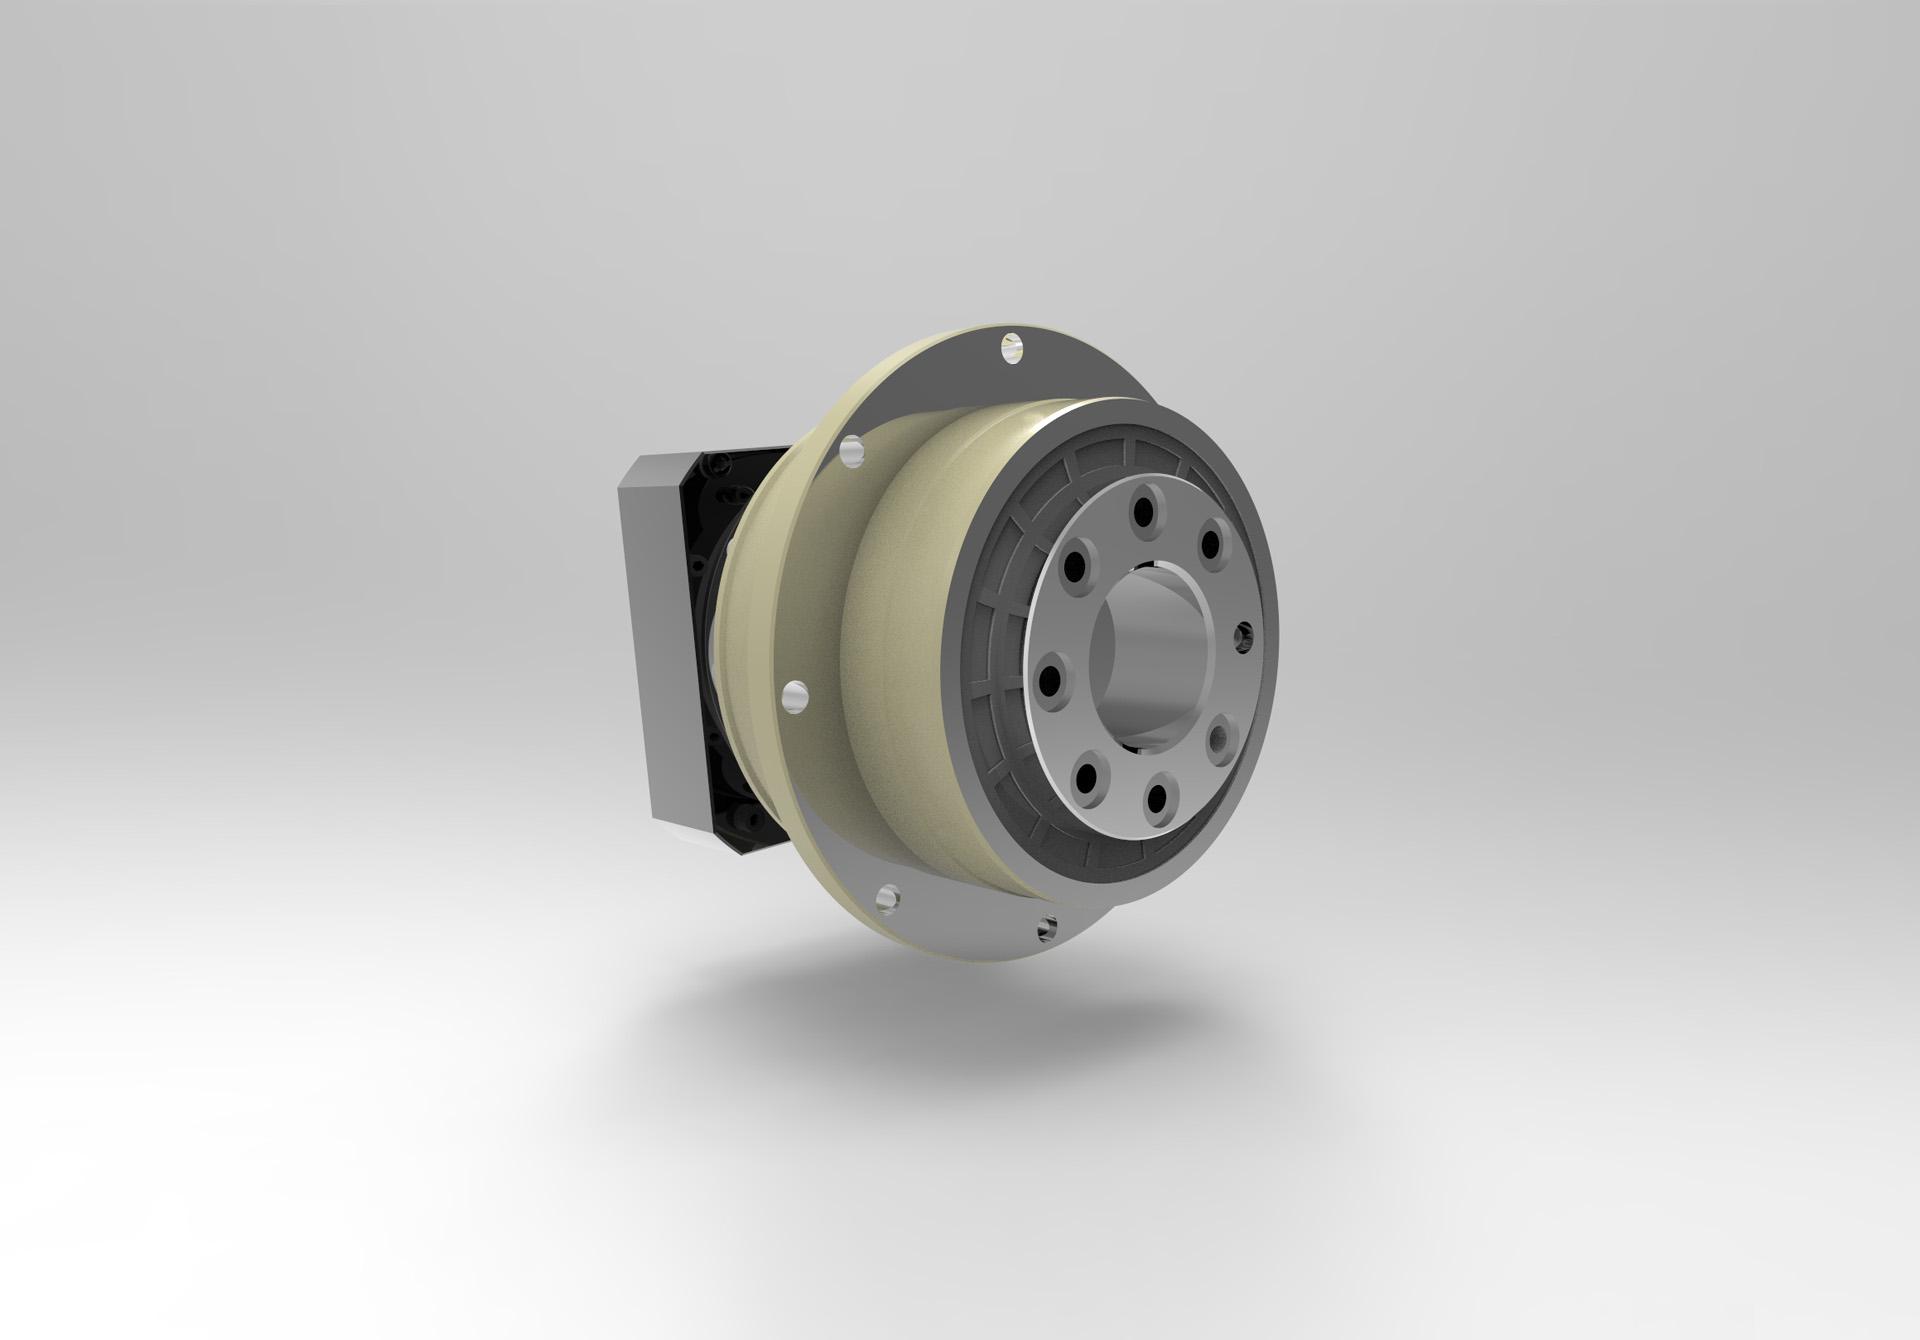 塞纳德硬齿面减速机相比普通硬齿轮传动的优势